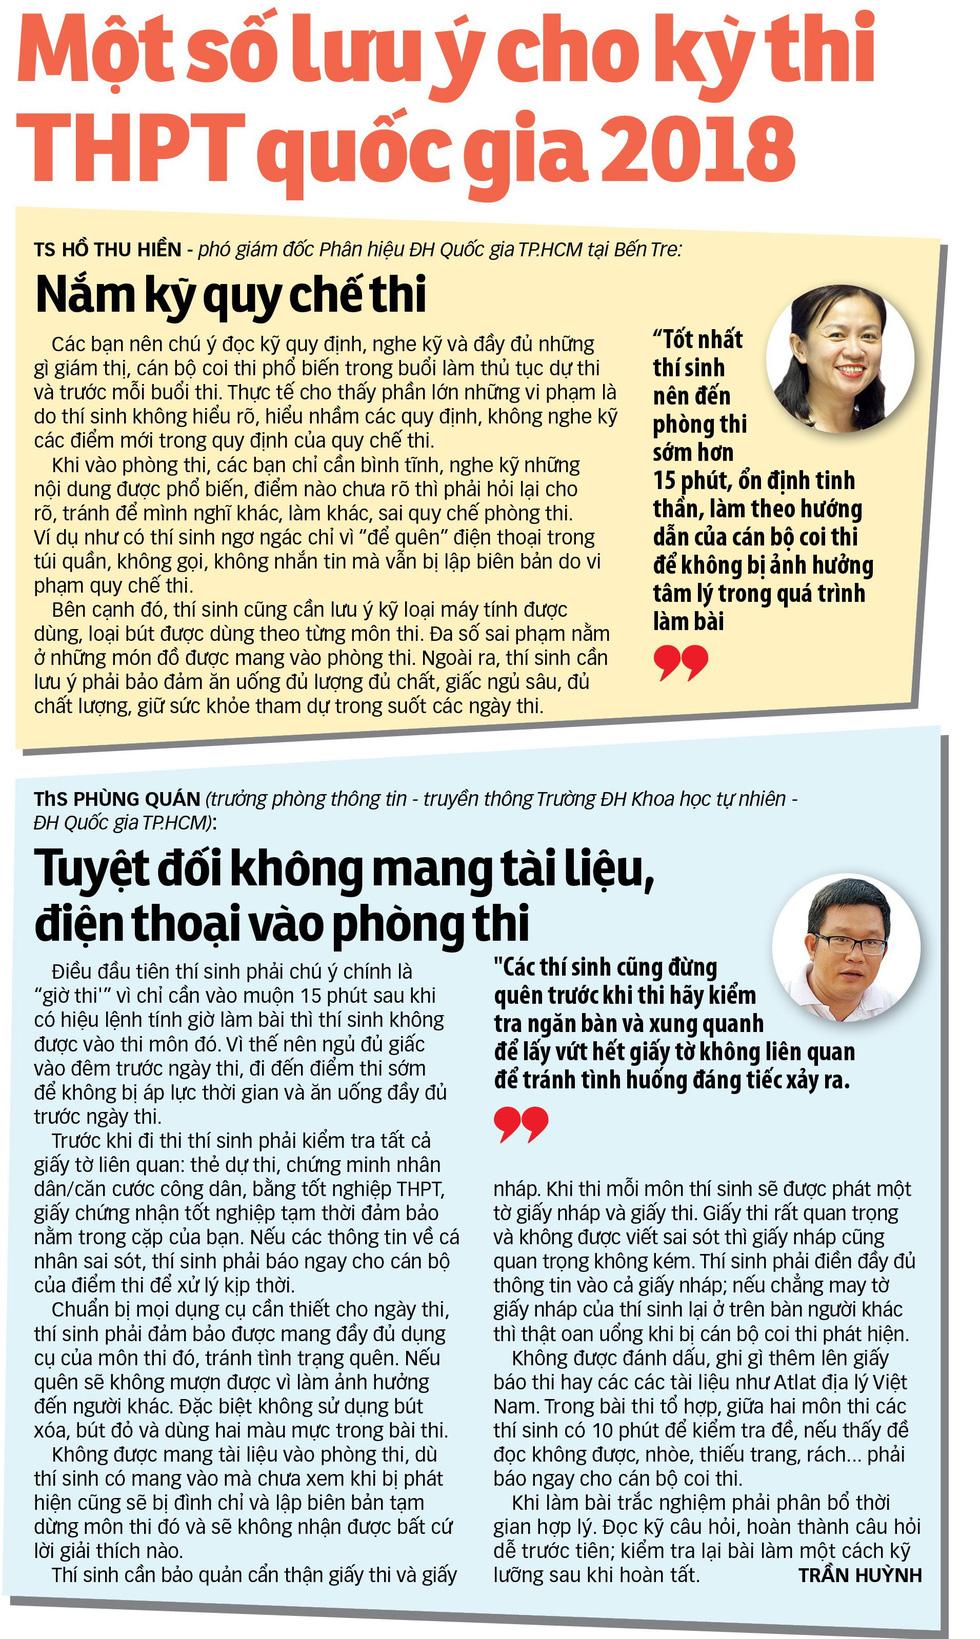 Cẩm nang bỏ túi cho thí sinh thi THPT quốc gia 2018 - Ảnh 2.